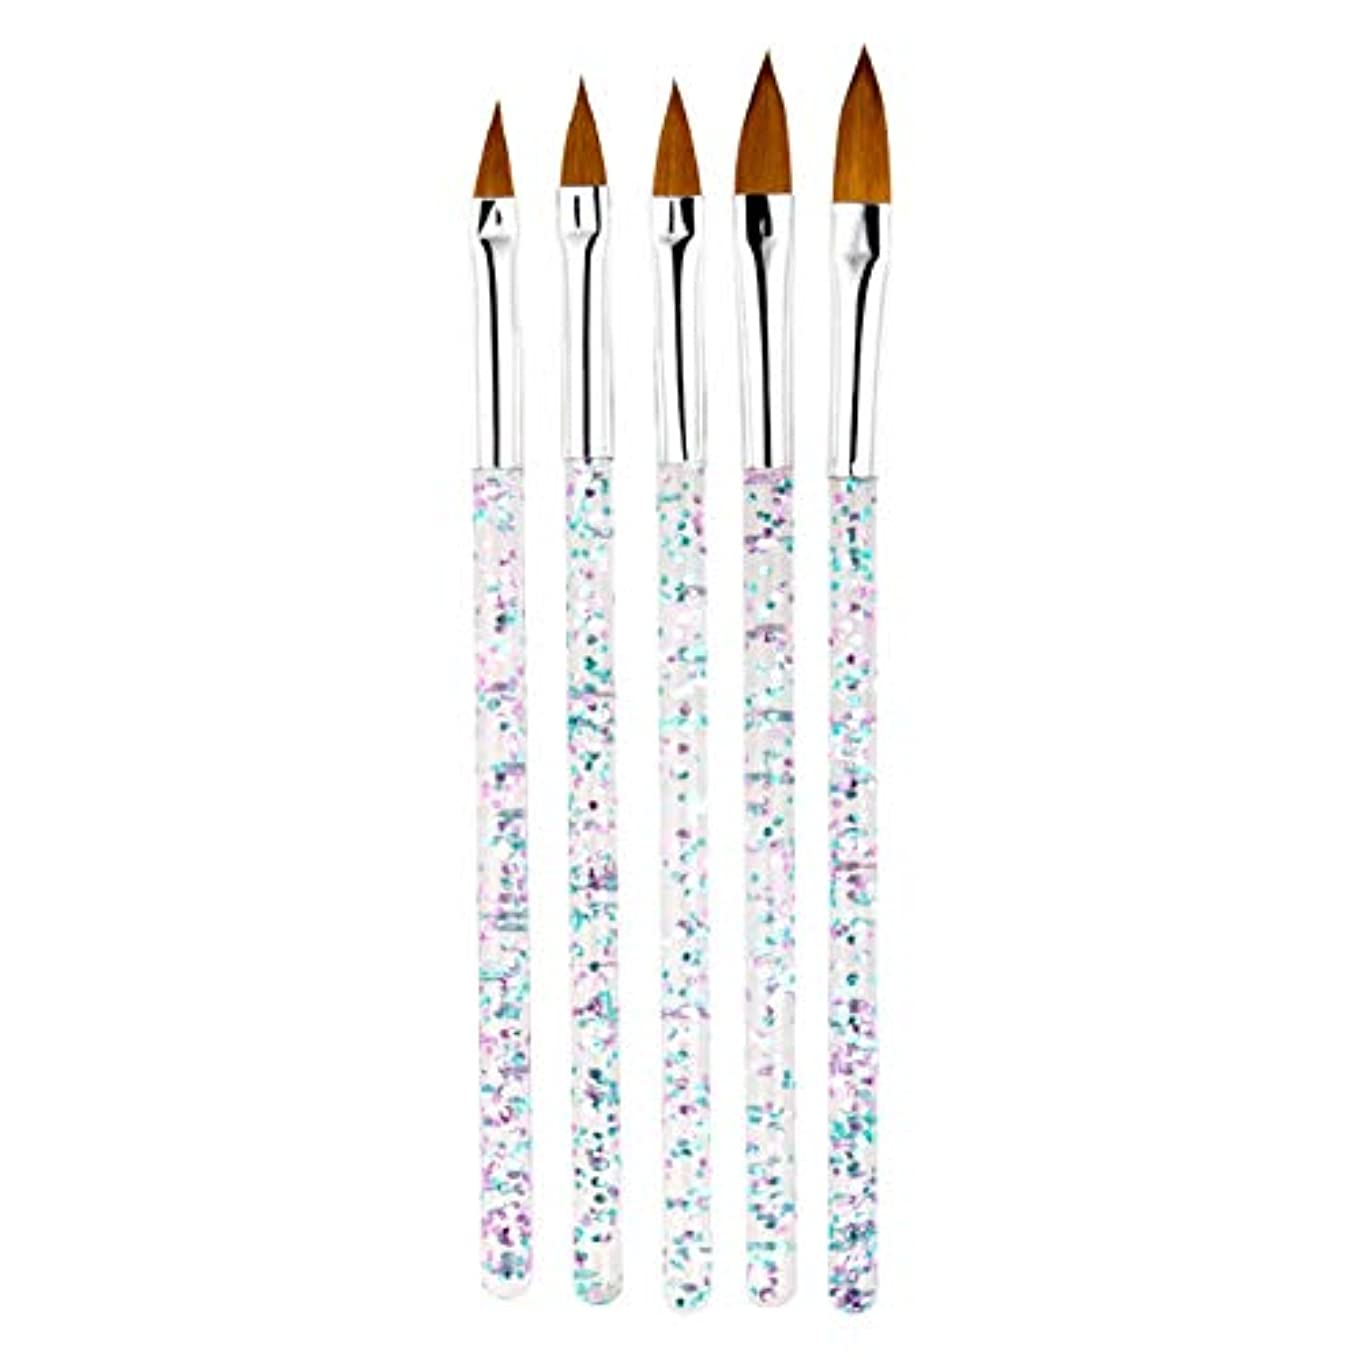 ジョガー余計な六MCCRUA ネイルブラシ 5本セット スカルプネイルブラシ 可愛い アクリルネイル UV ジェルネイル ネイルアート筆